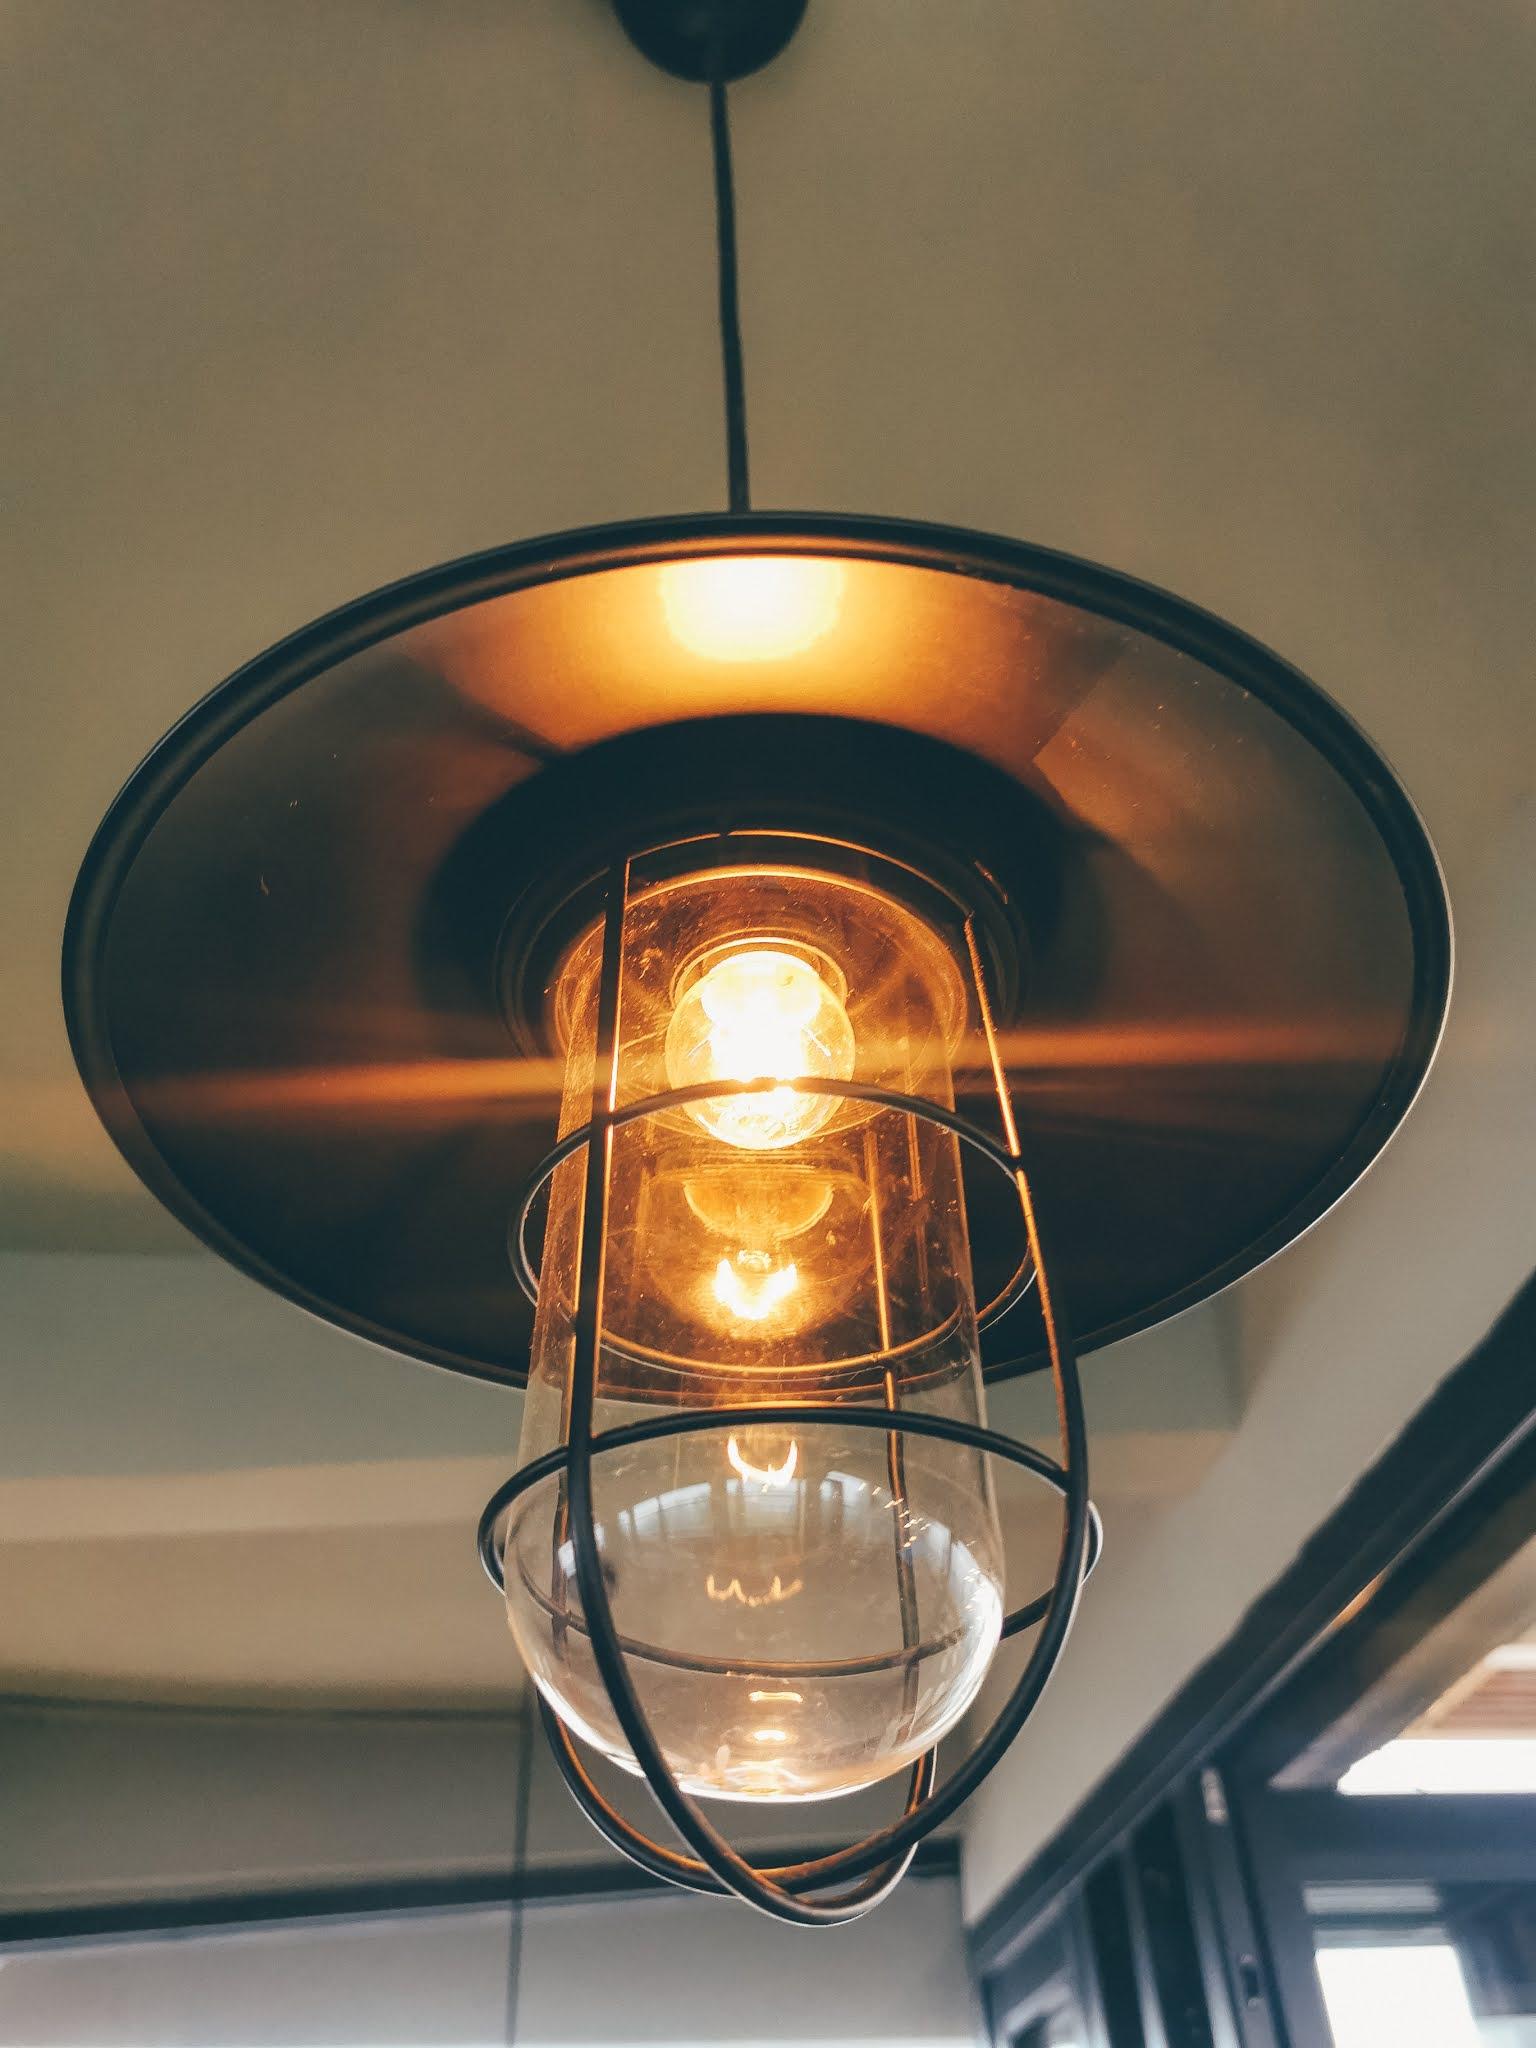 jak zaplanować oświetlenie w domu